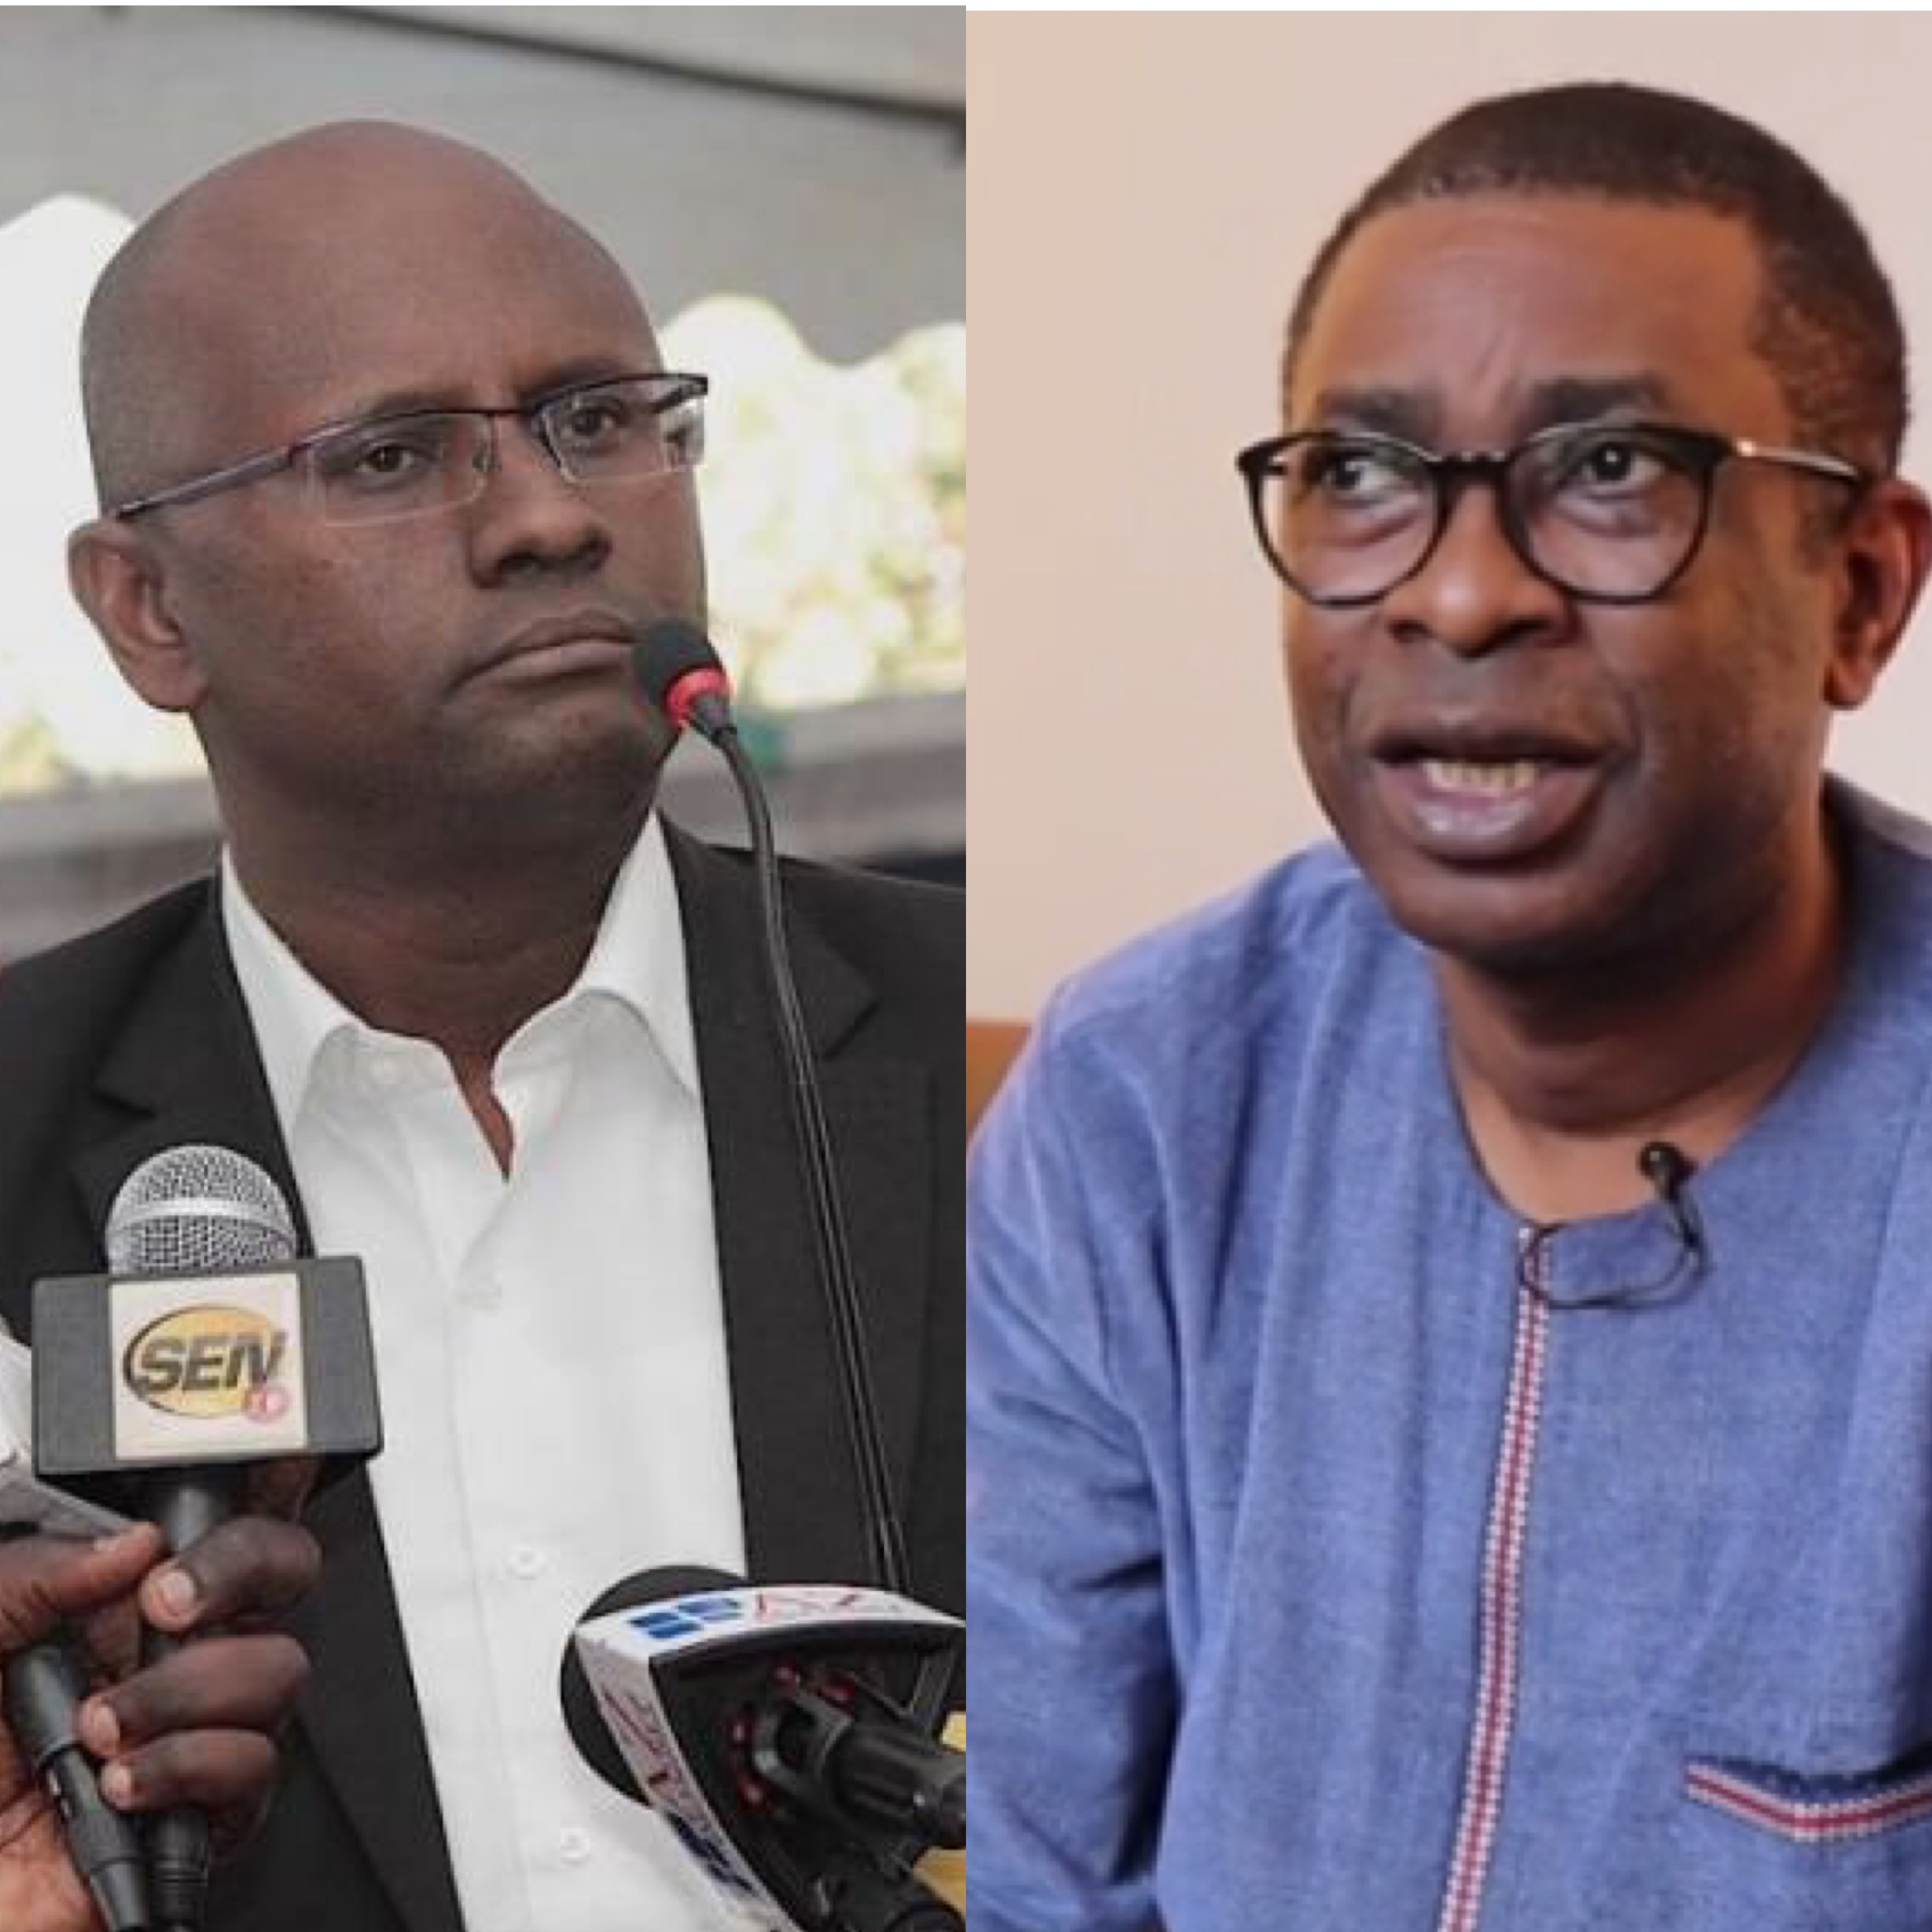 """Moussa Sy, Maire des Parcelles Assainies et 2e adjoint à la mairie de Dakar : """" Youssou Ndour a toujours bénéficié de soutien de la ville de Dakar pour l'organisation du Bercy """""""